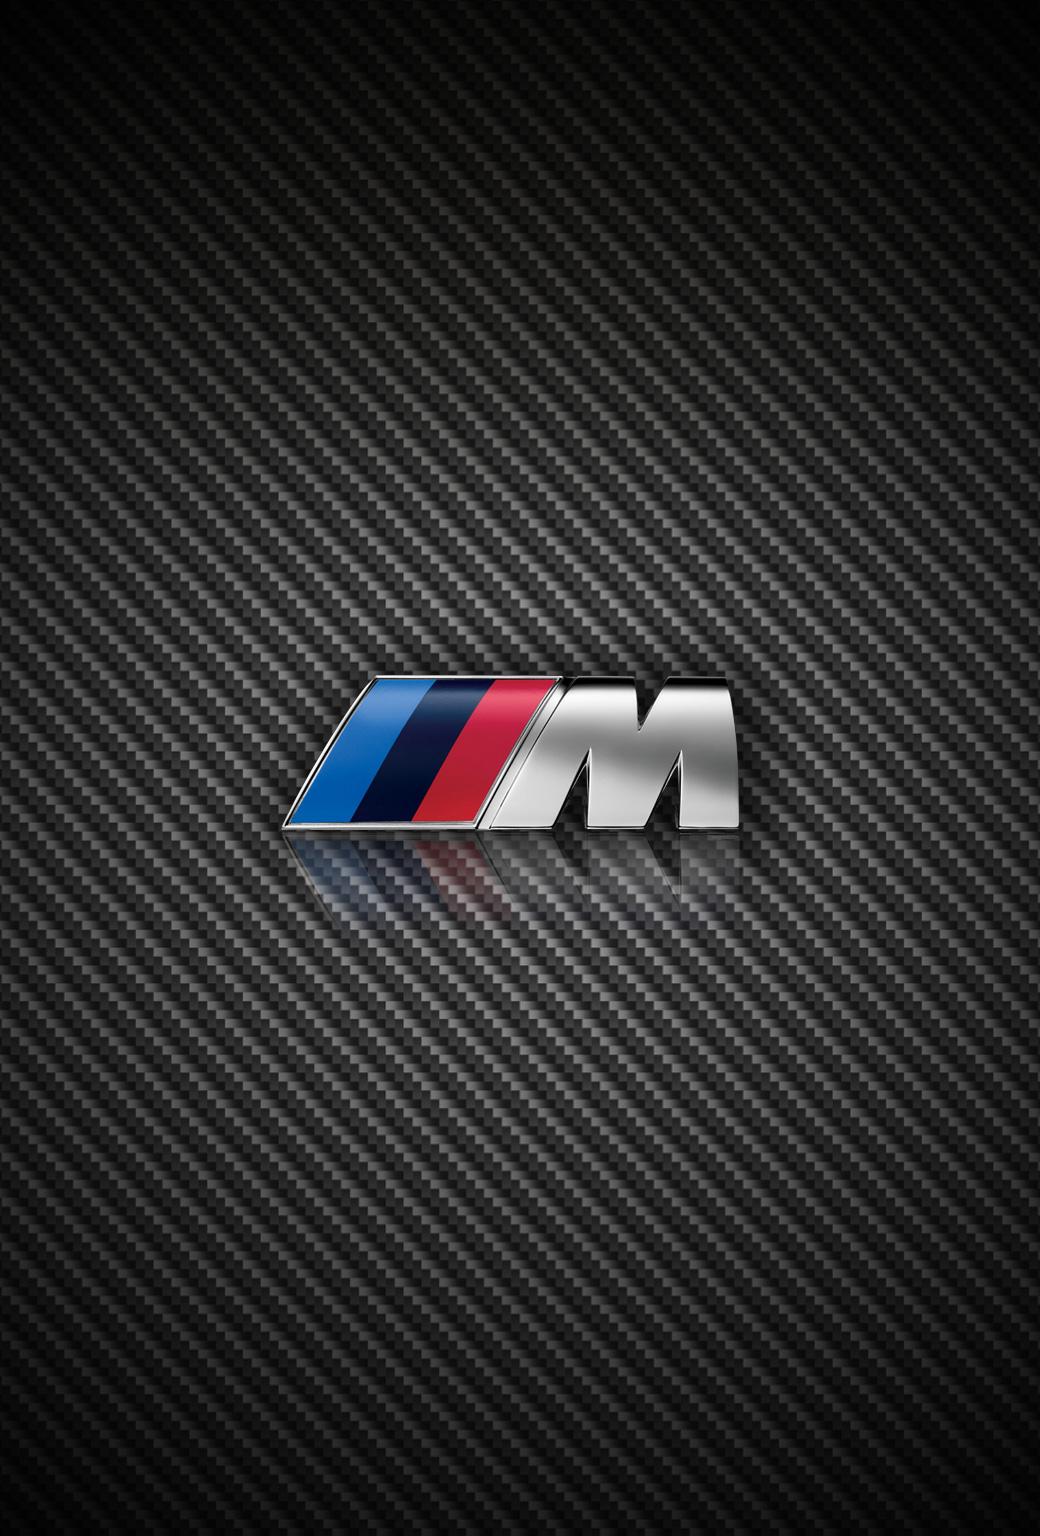 bmw-m-iOS7.jpg